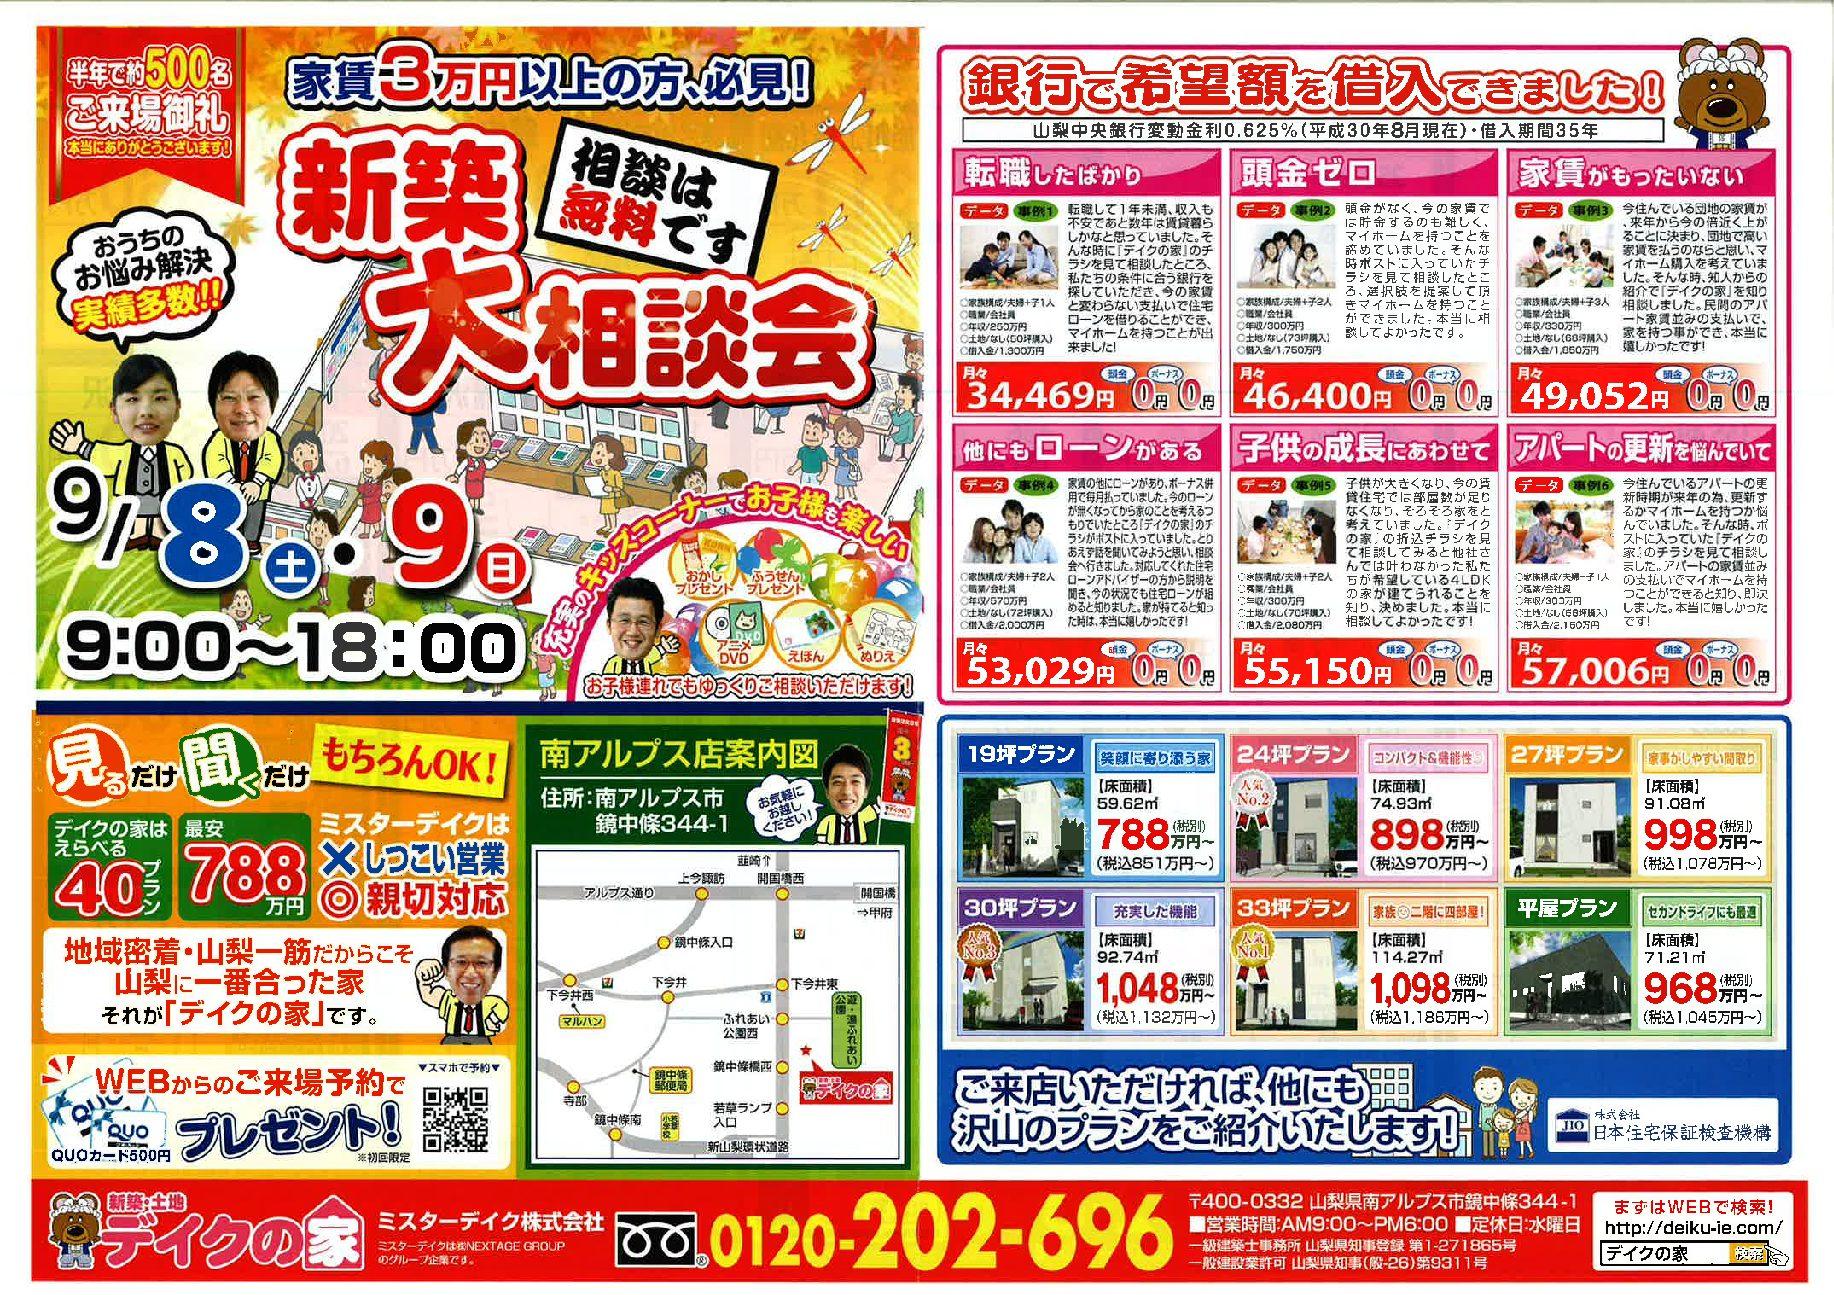 9月8日9日 住宅ローン相談会 大開催!!